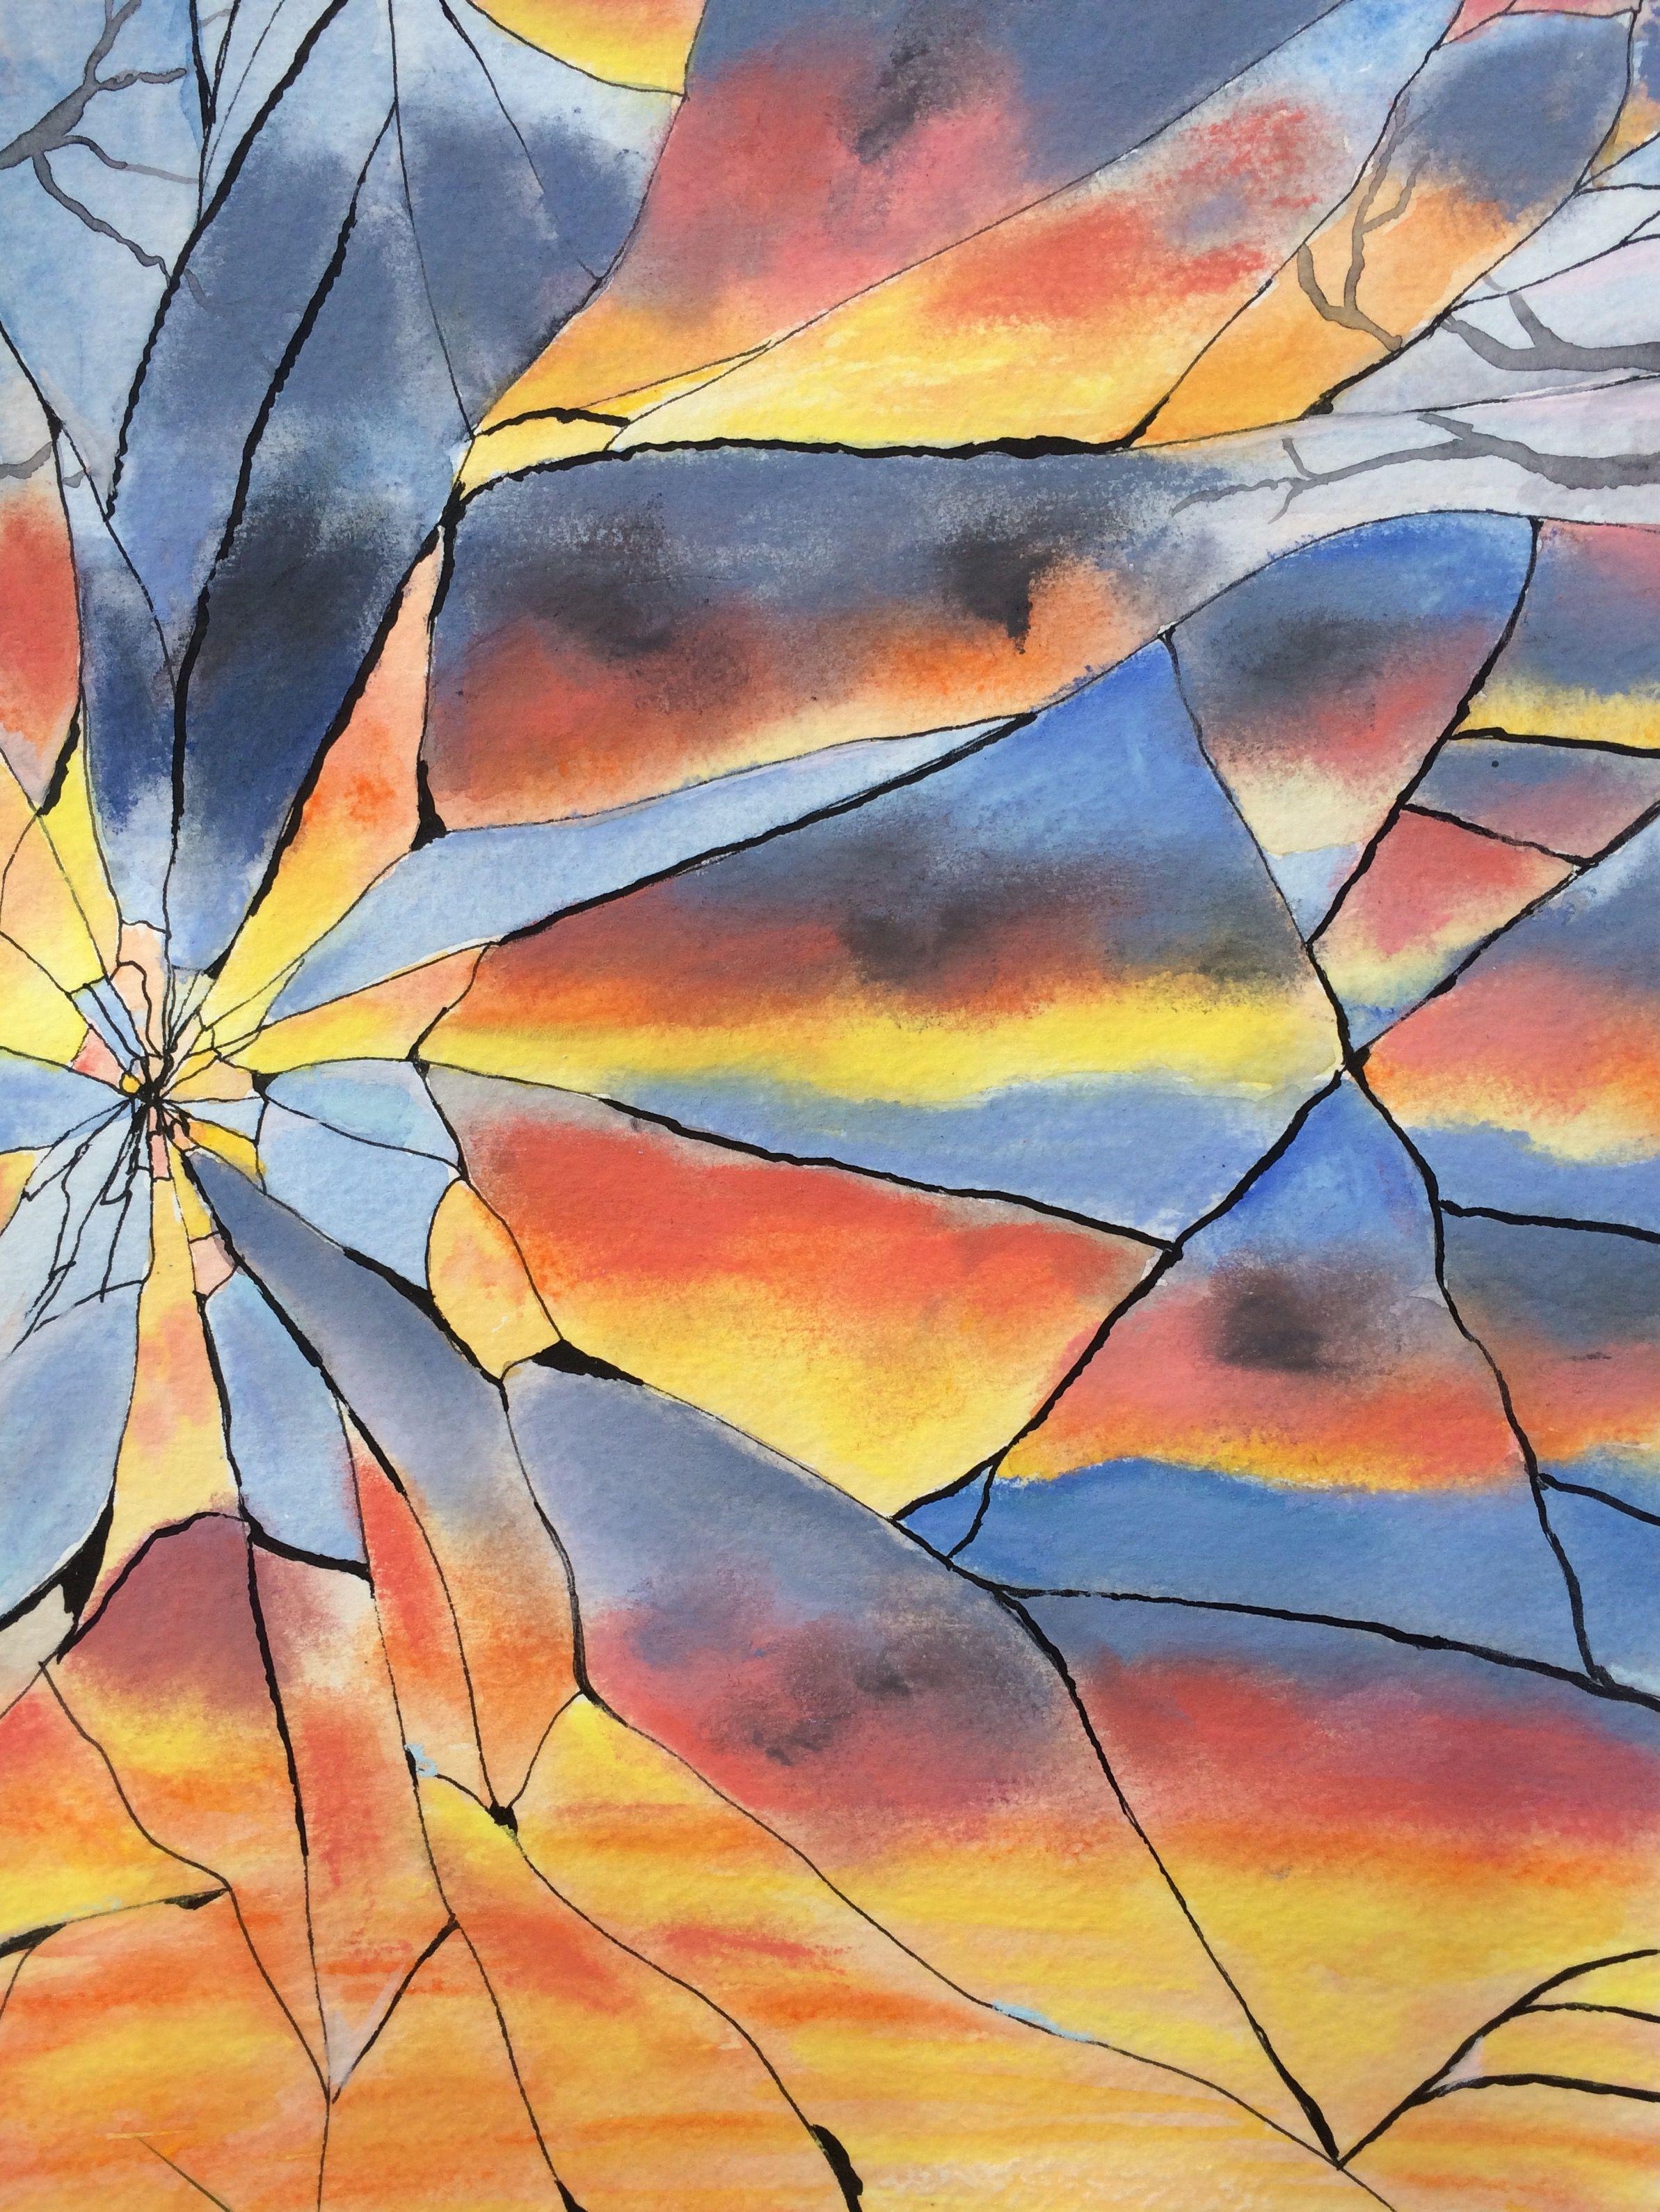 Broken mirror sunset 서양 미술 미적 사진 초현실주의